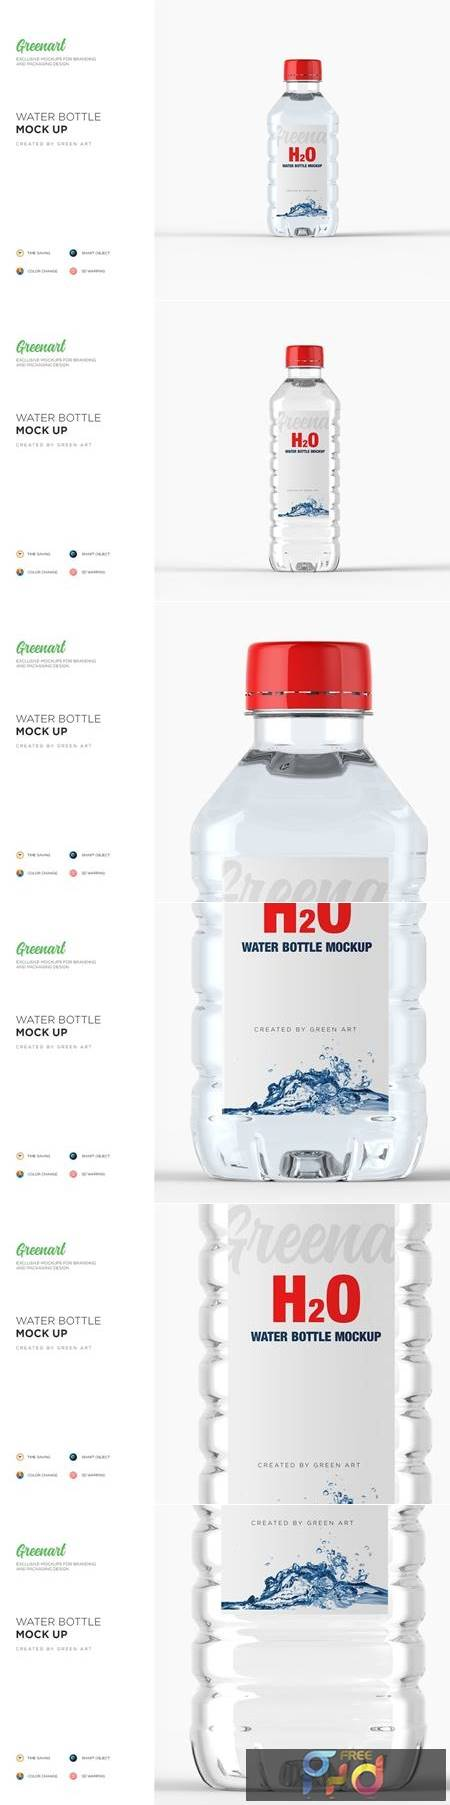 Plastic PET Bottle w Water Mockup 2738359 1